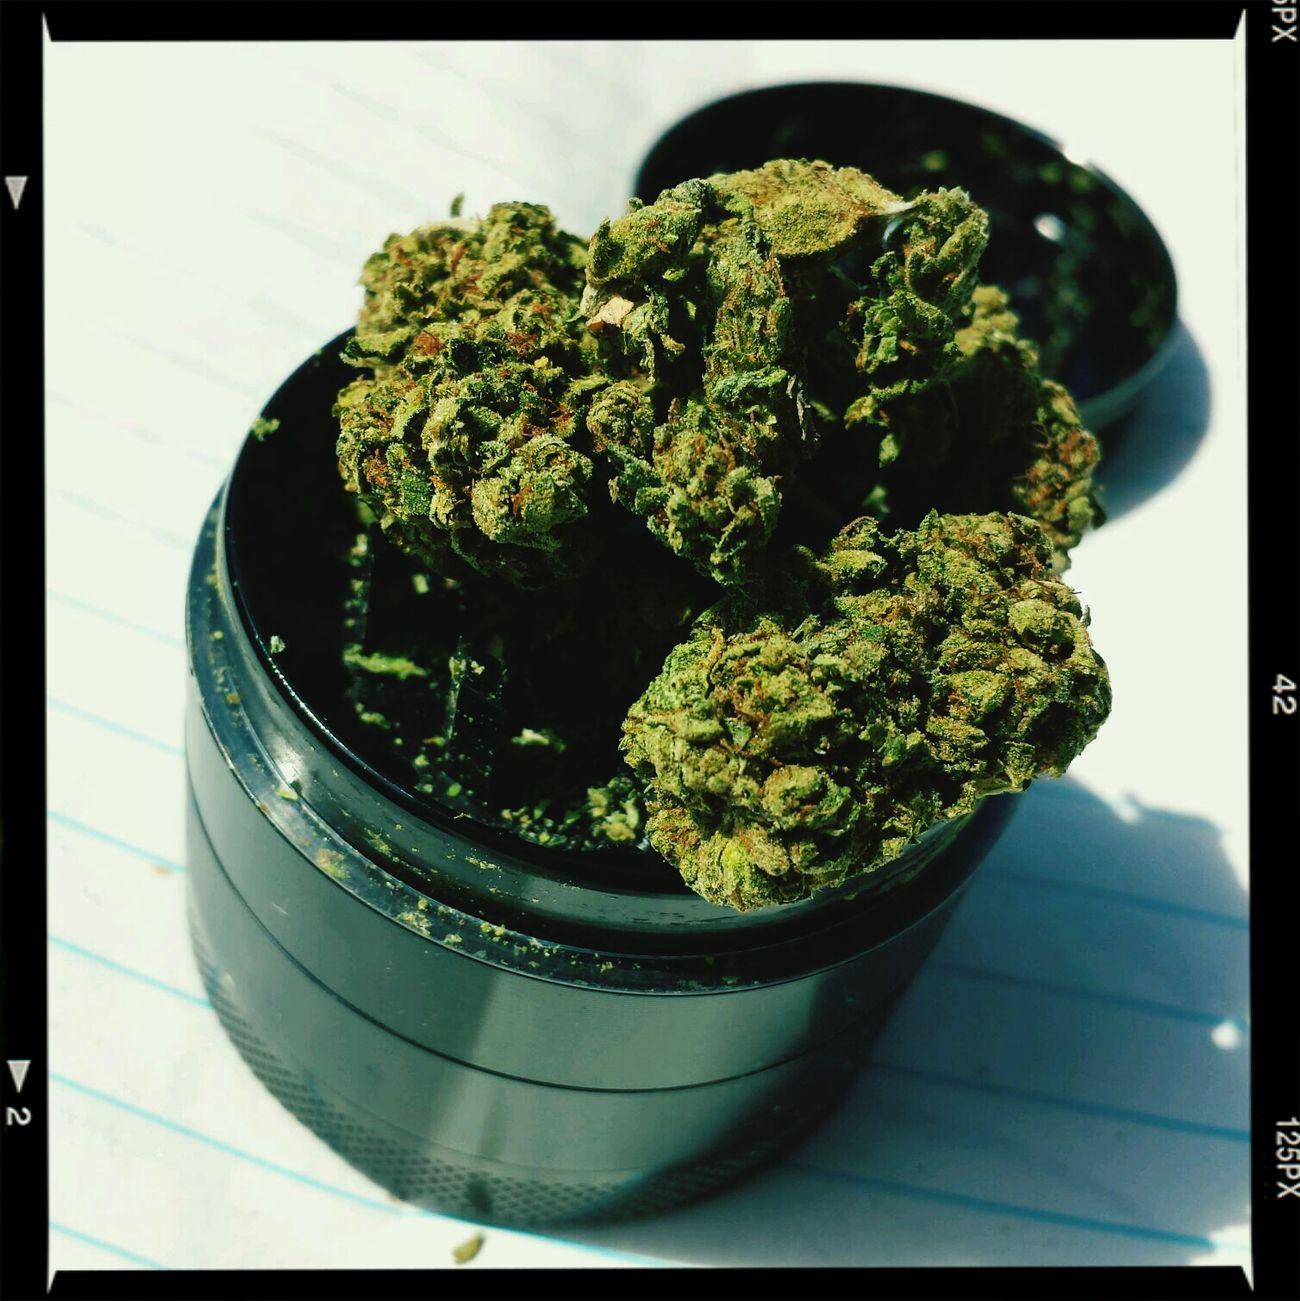 Two grams lay upon my grinder ??? Highlife Marijuana Kushcoma Crystalized